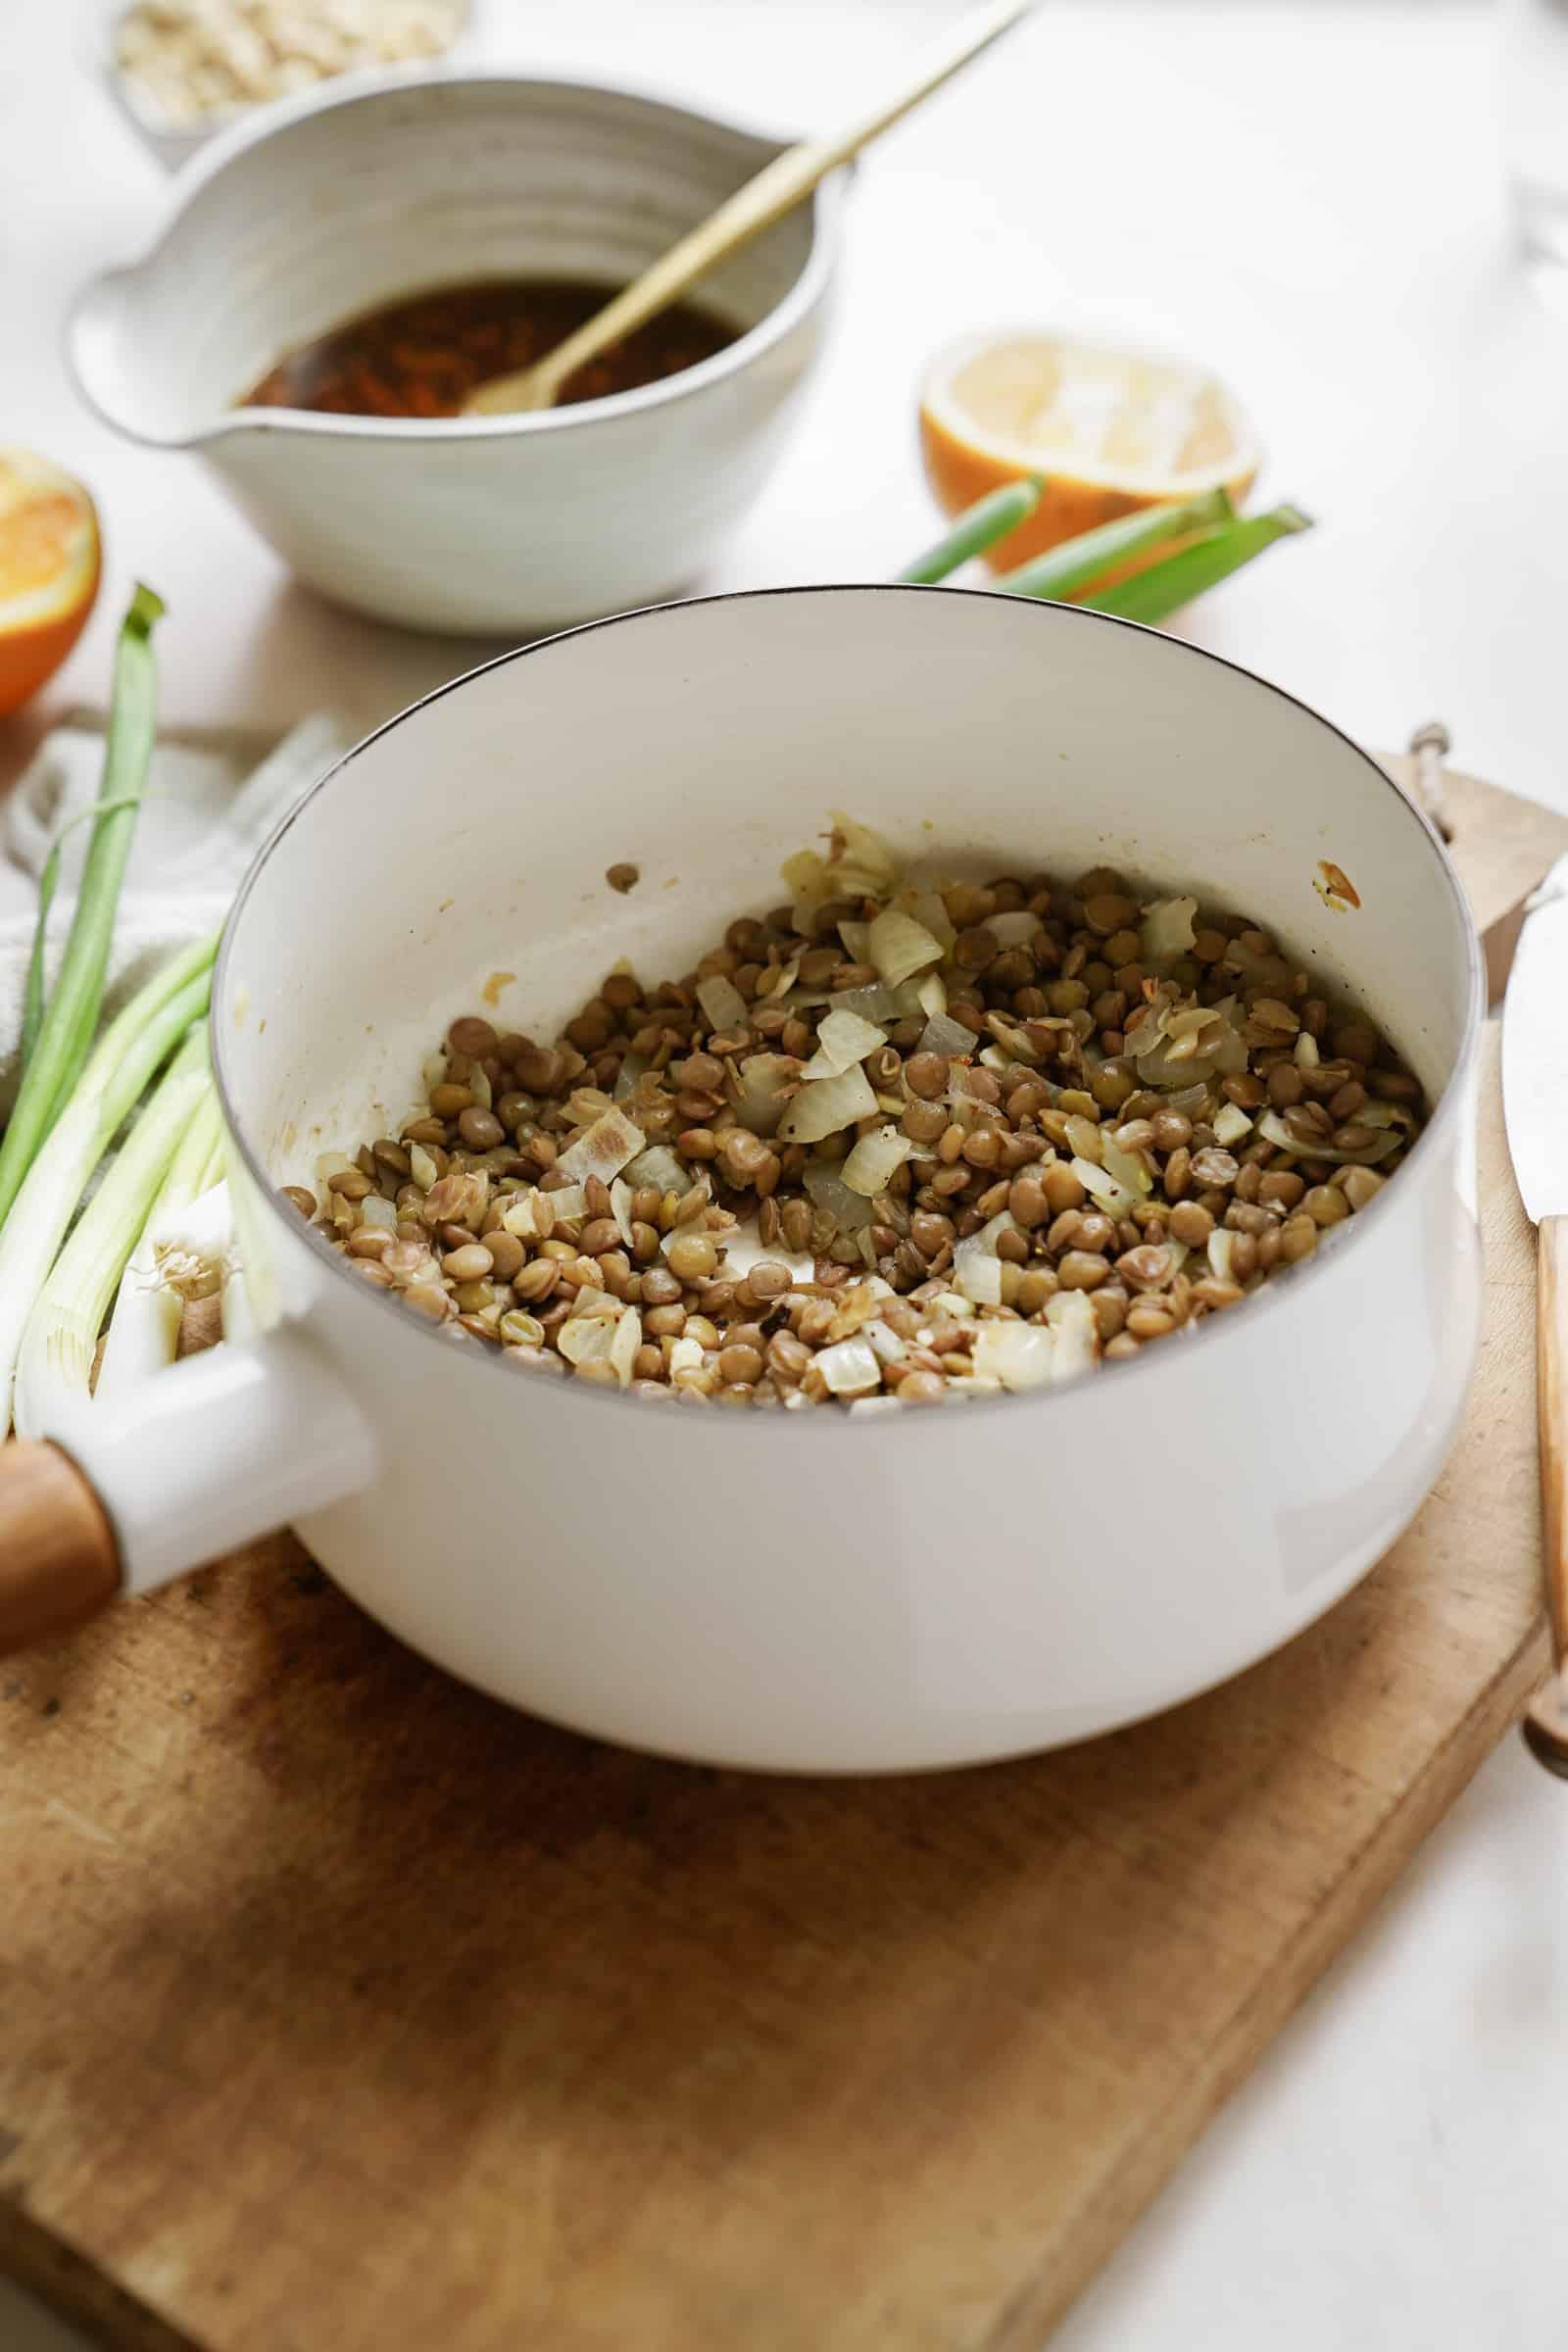 Ingredients for lentil meatballs in a pot